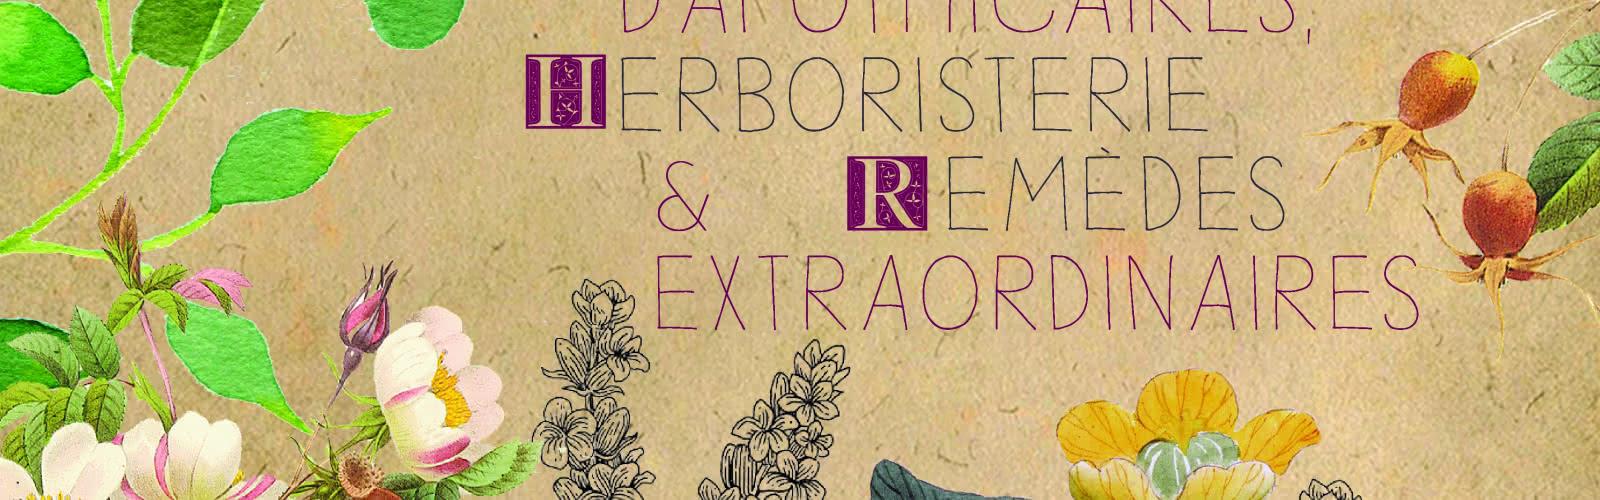 Exposition 'Plantes d'apothicaires, herboristerie & remèdes extraordinaires'